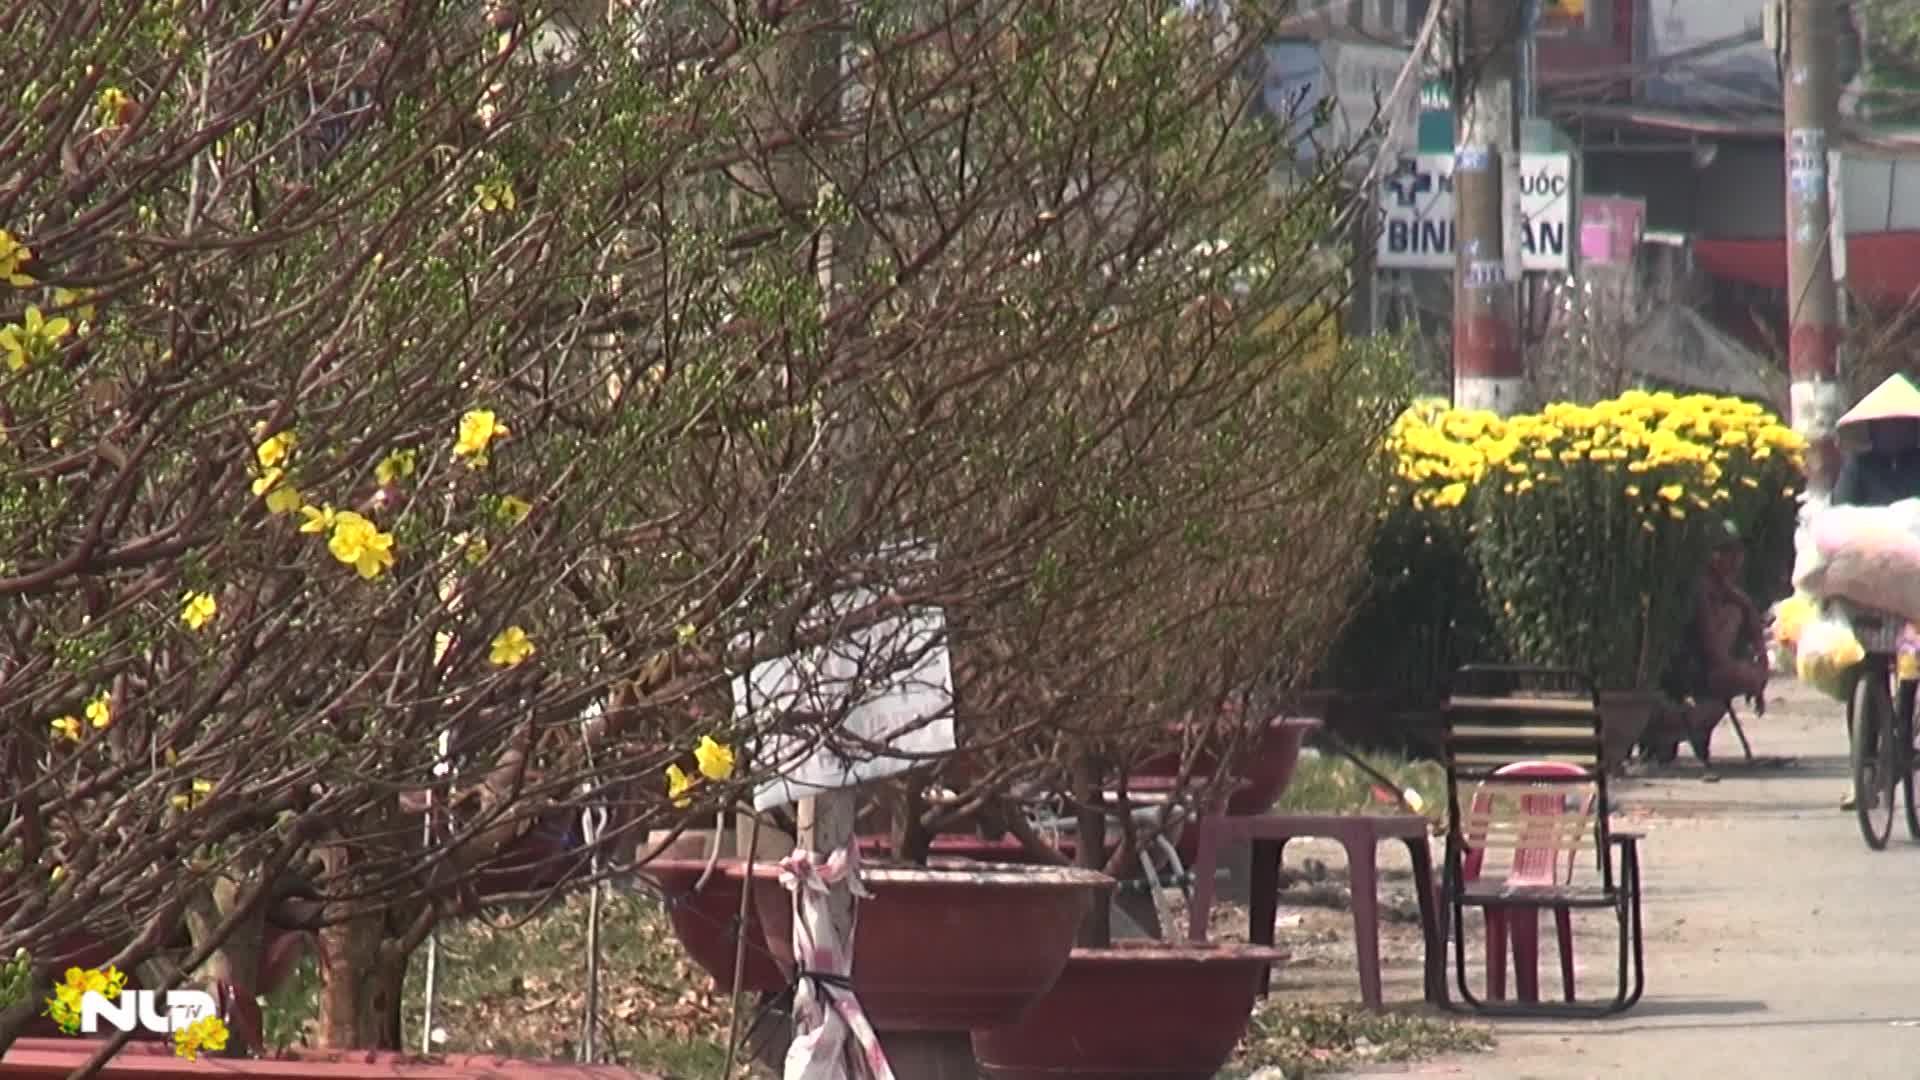 Phóng sự: TP HCM: Hoa tết đổ bộ xuống phố